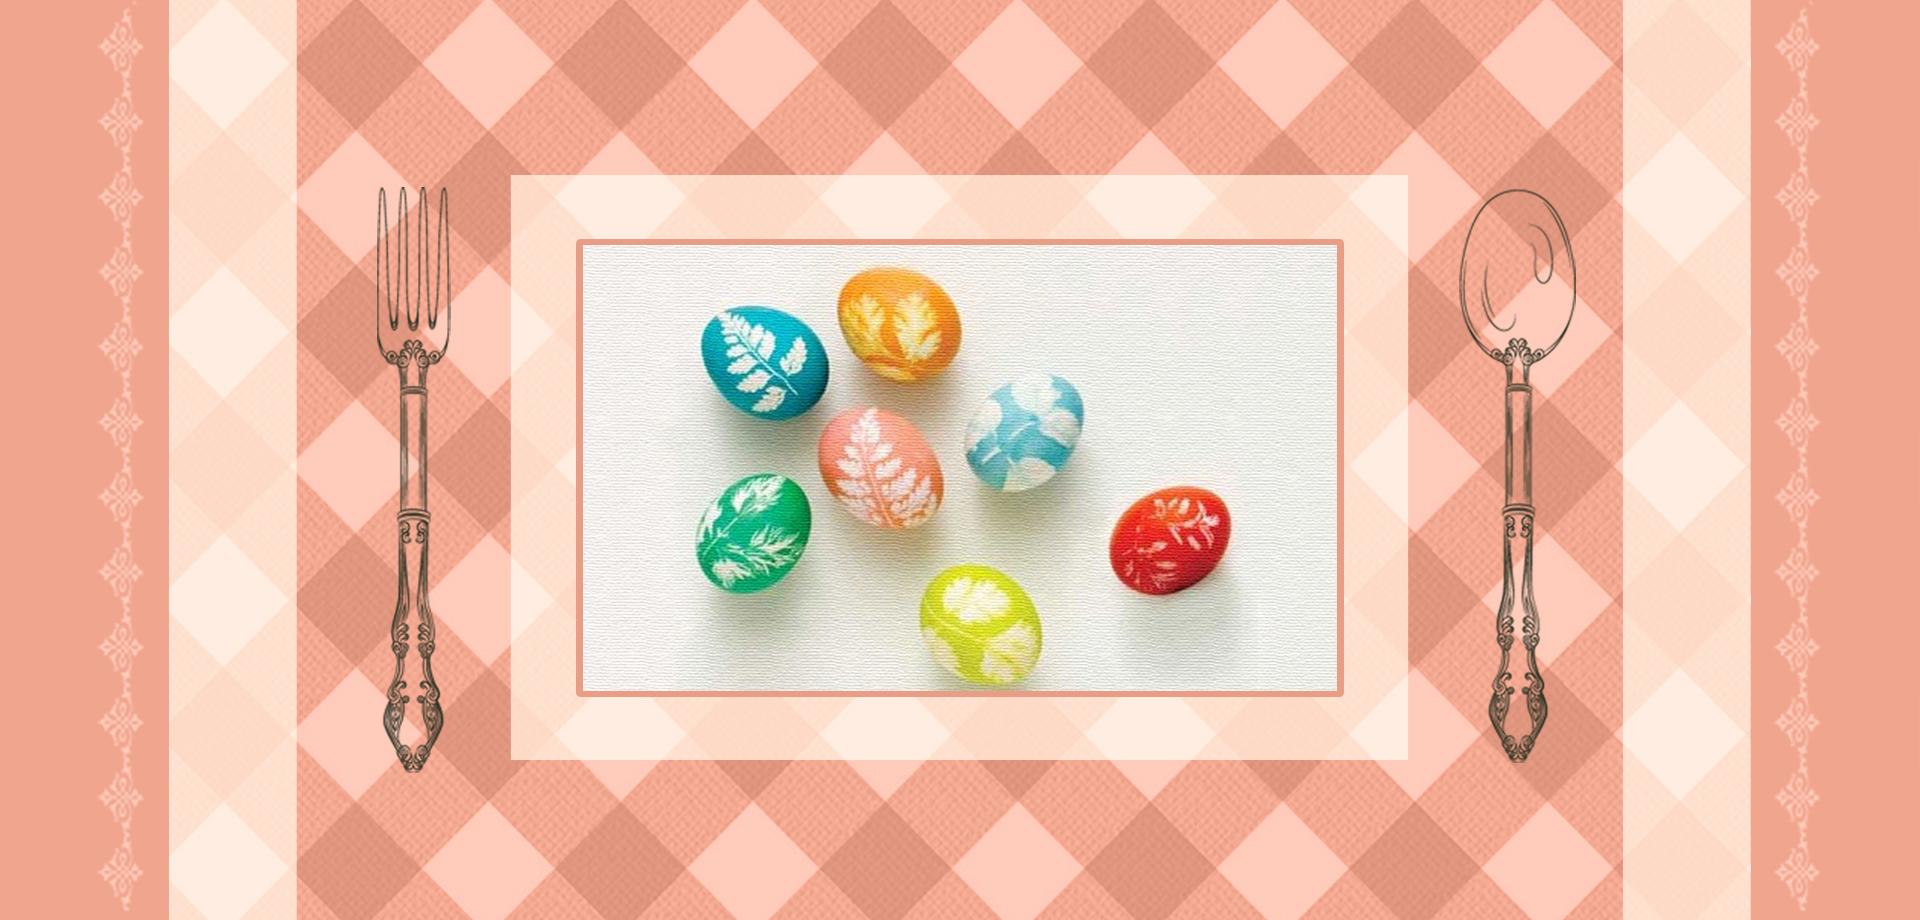 Παραδοσιακή βαφή αυγών